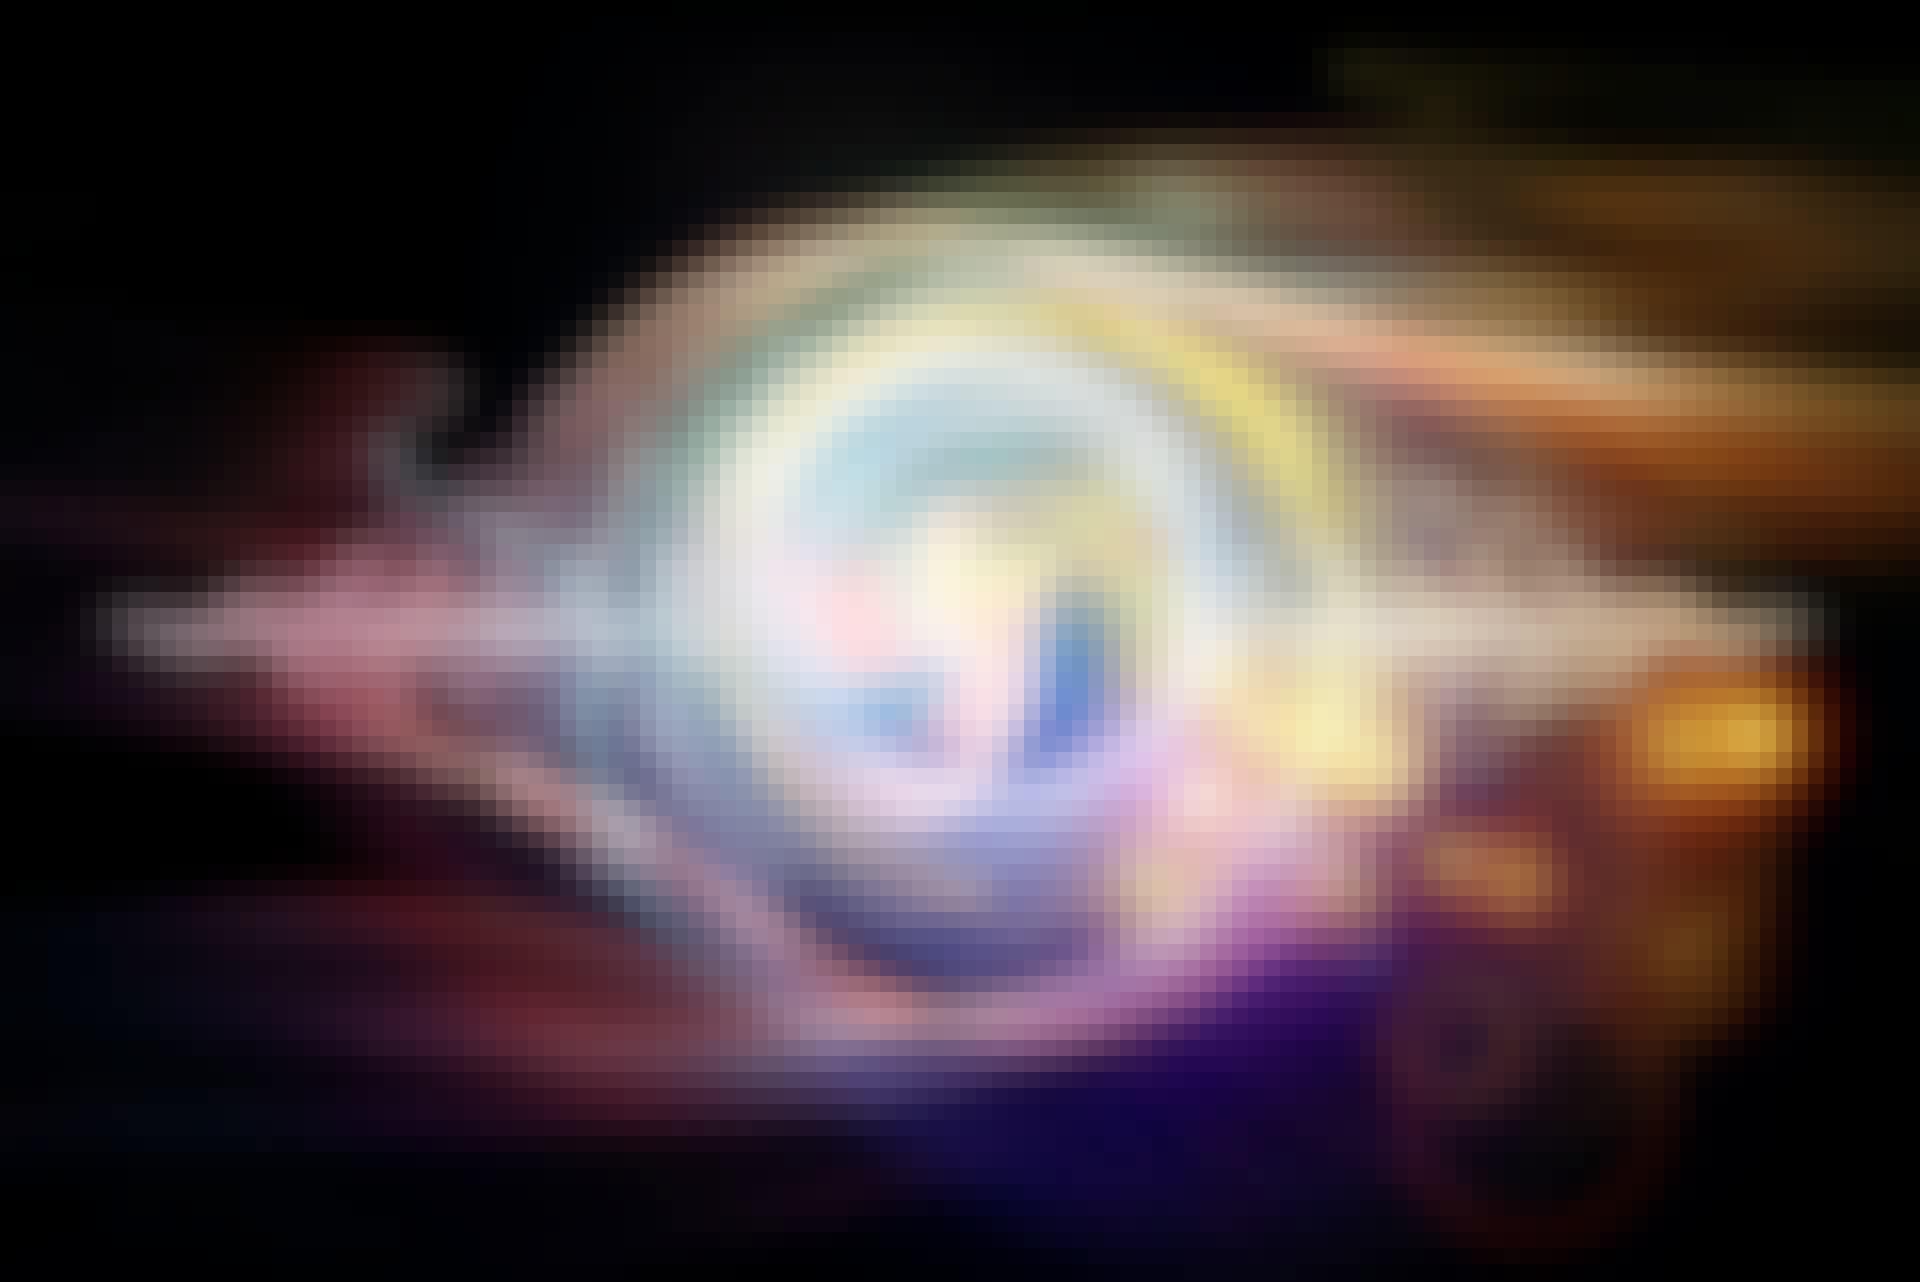 kvantemekanikk